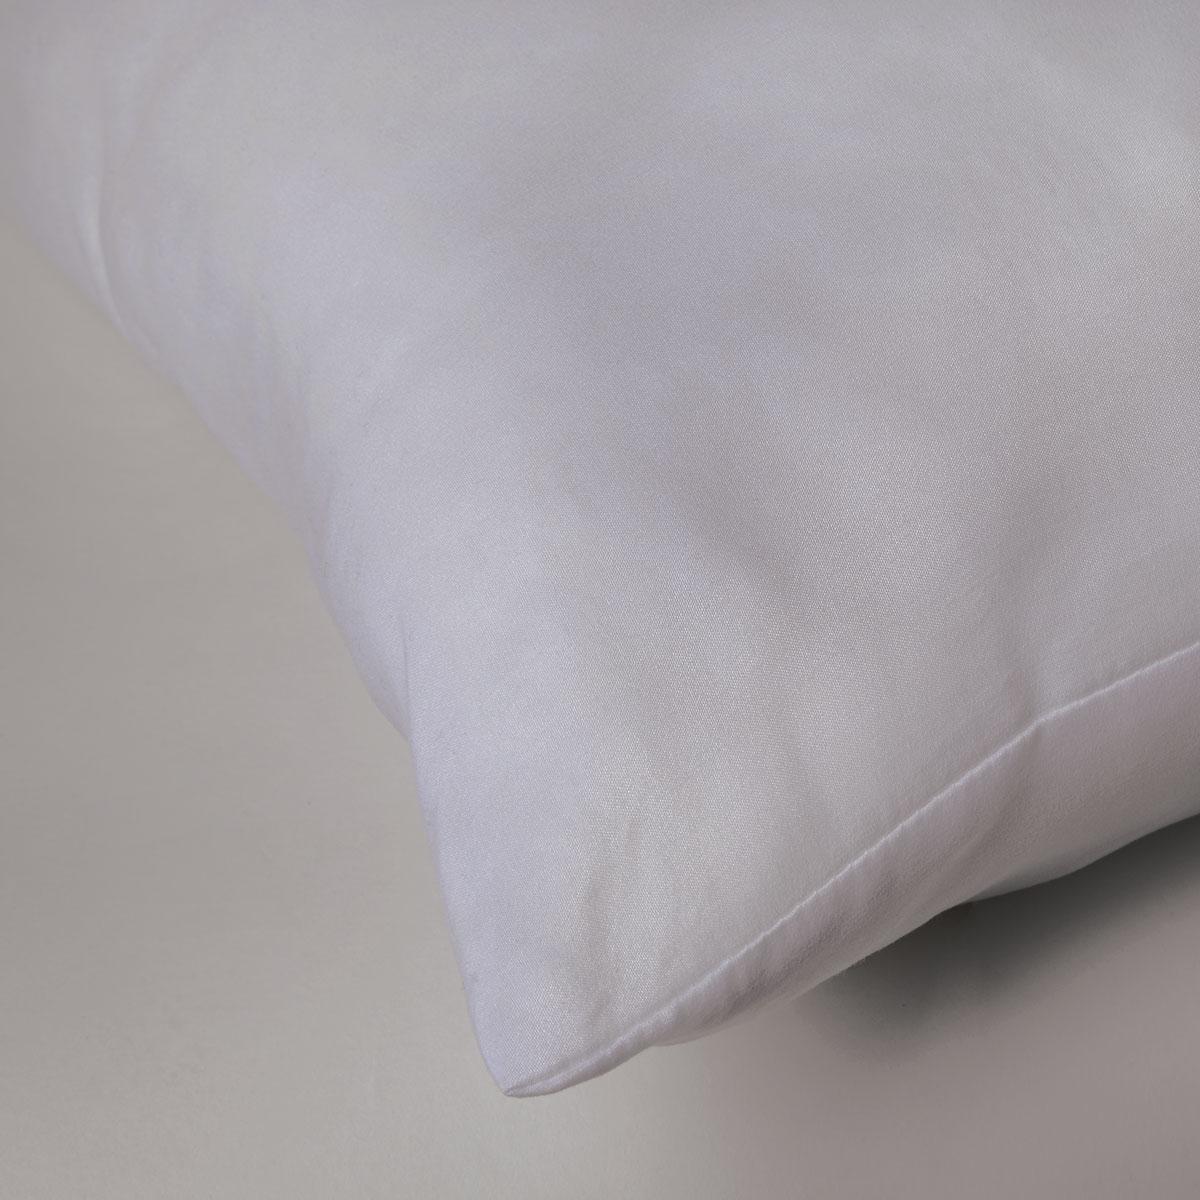 Oreiller Microfibre 500 gr Forme Carrée - Blanc - 65 x 65 cm